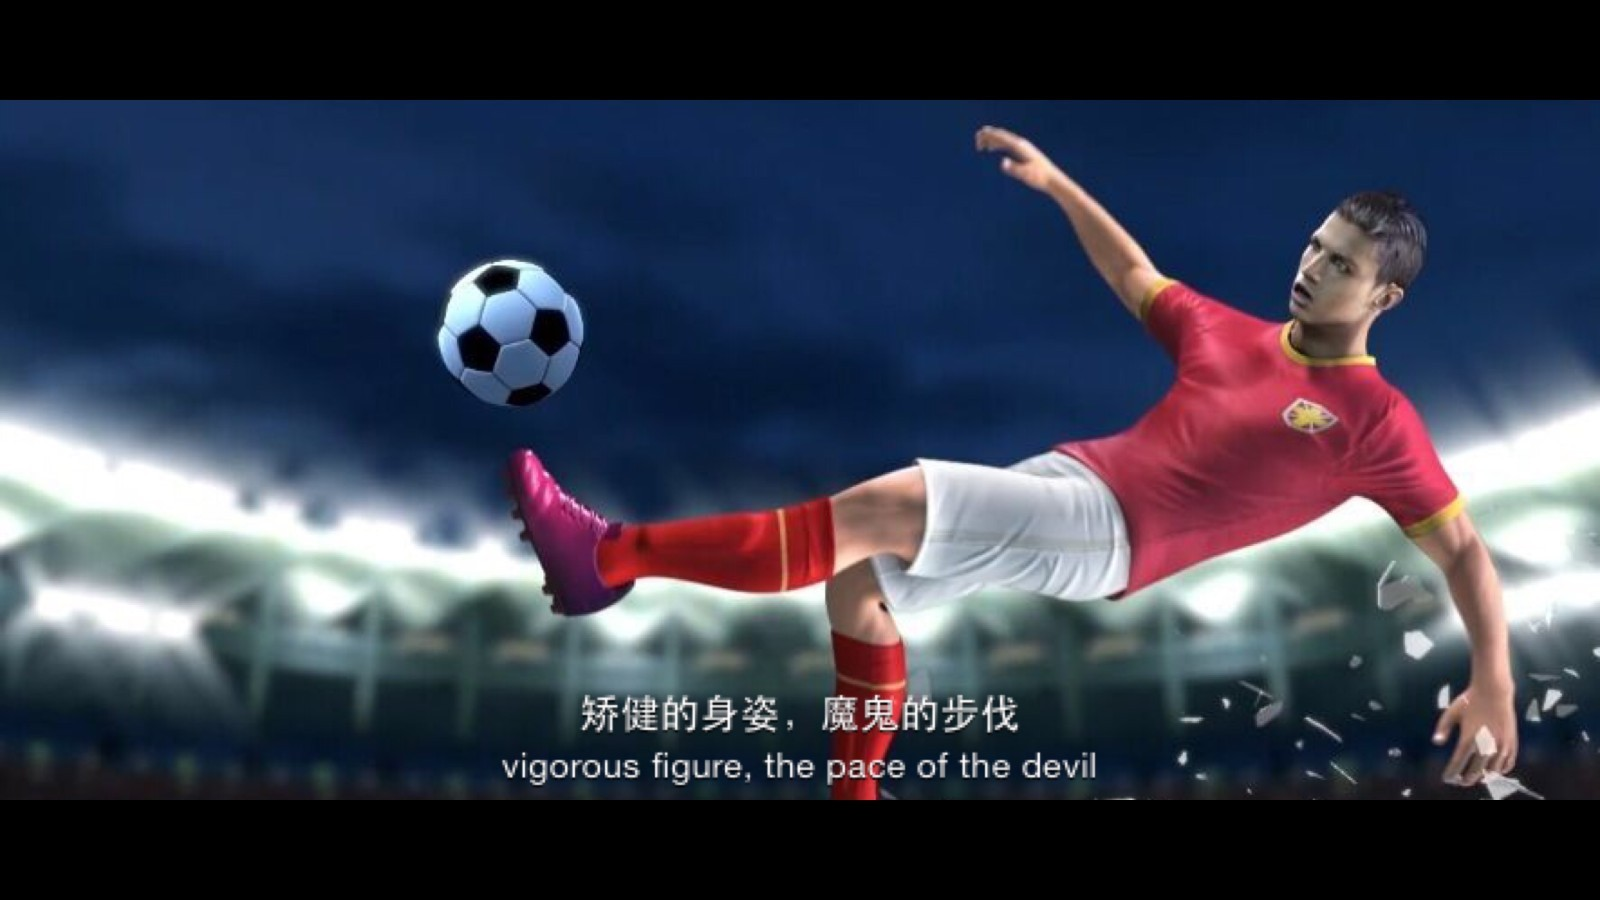 《足球大师》大电影震撼上映!_资讯_360手游